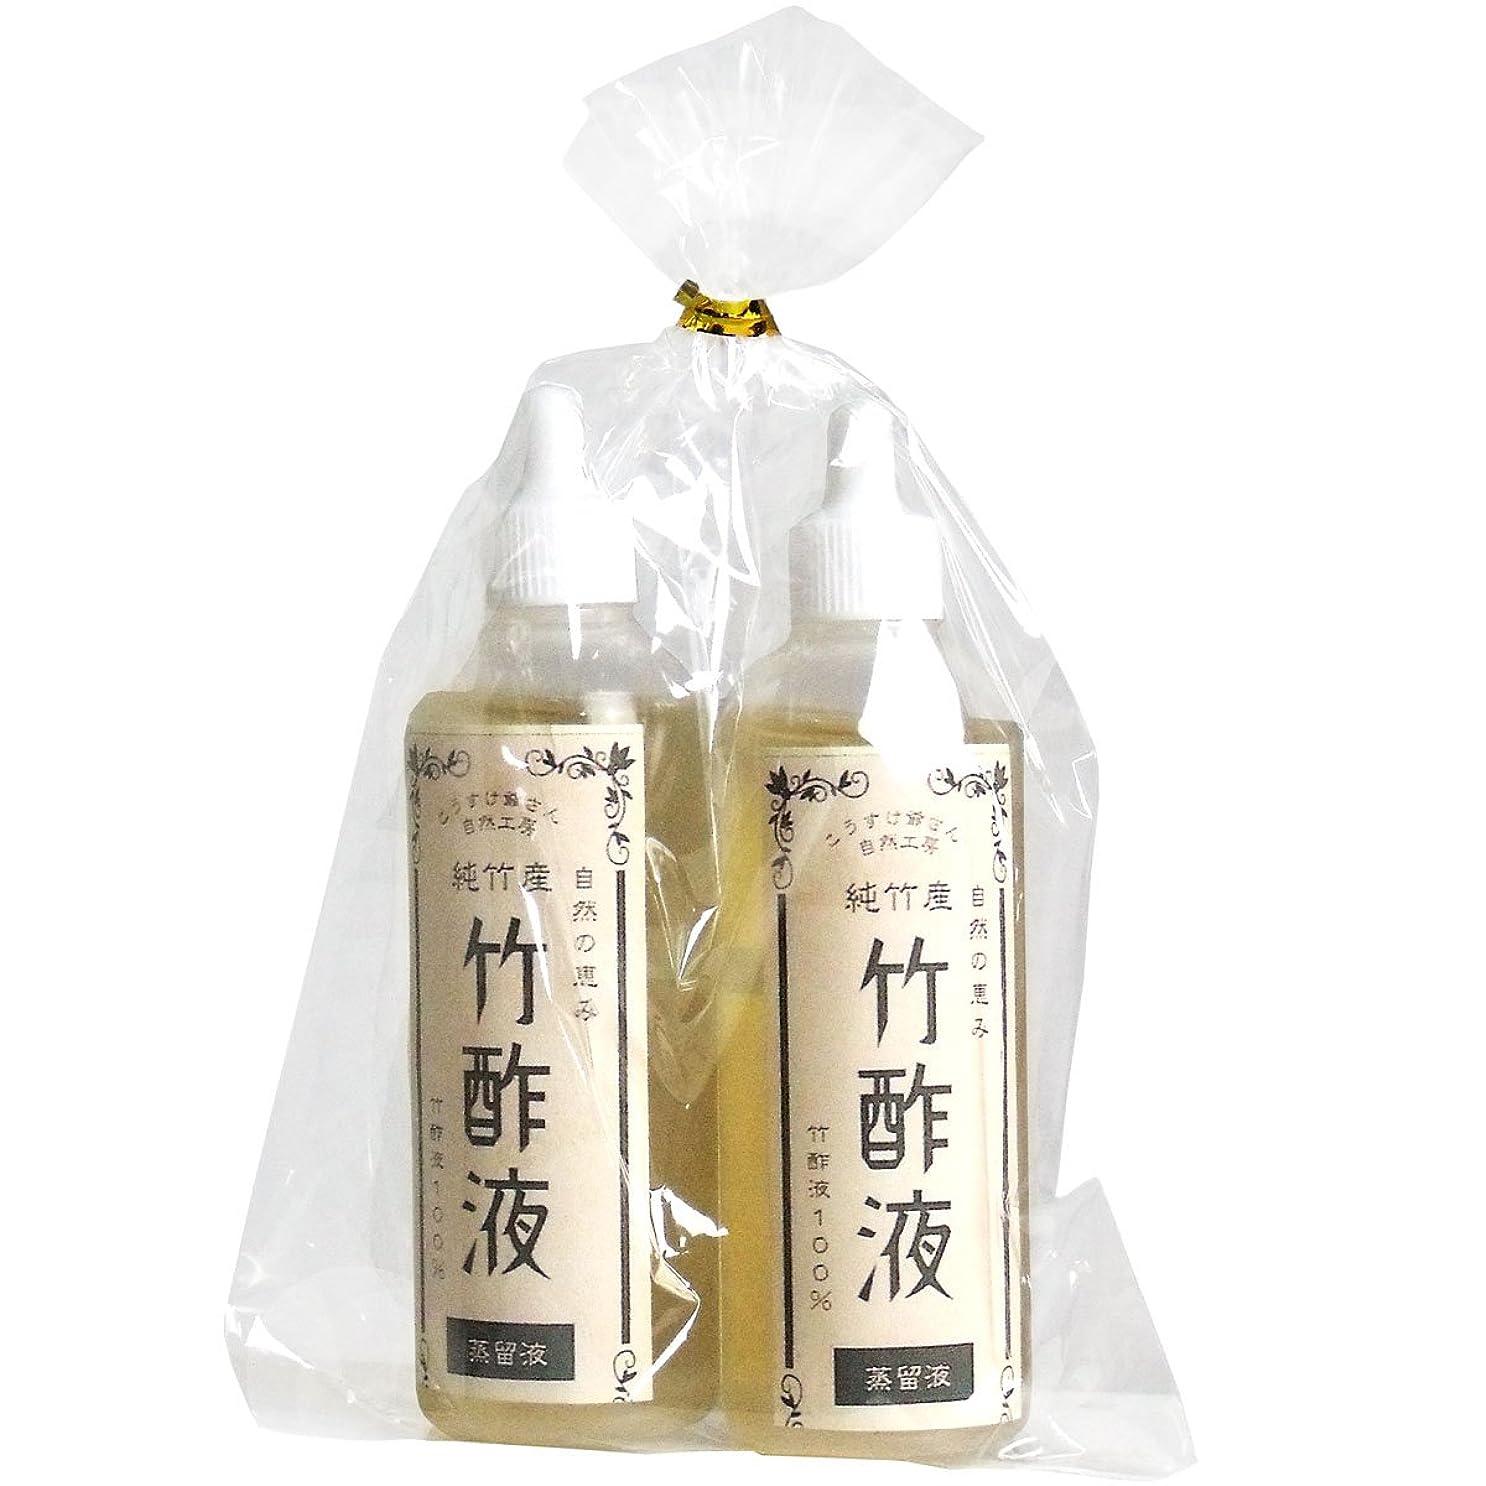 ハイジャック政策お嬢スキンケア 添加物を含まない自然の恵み 人気商品 こうすけ爺さんの純竹産 竹酢液100% 蒸留液 60mL×2本セット【2個セット】